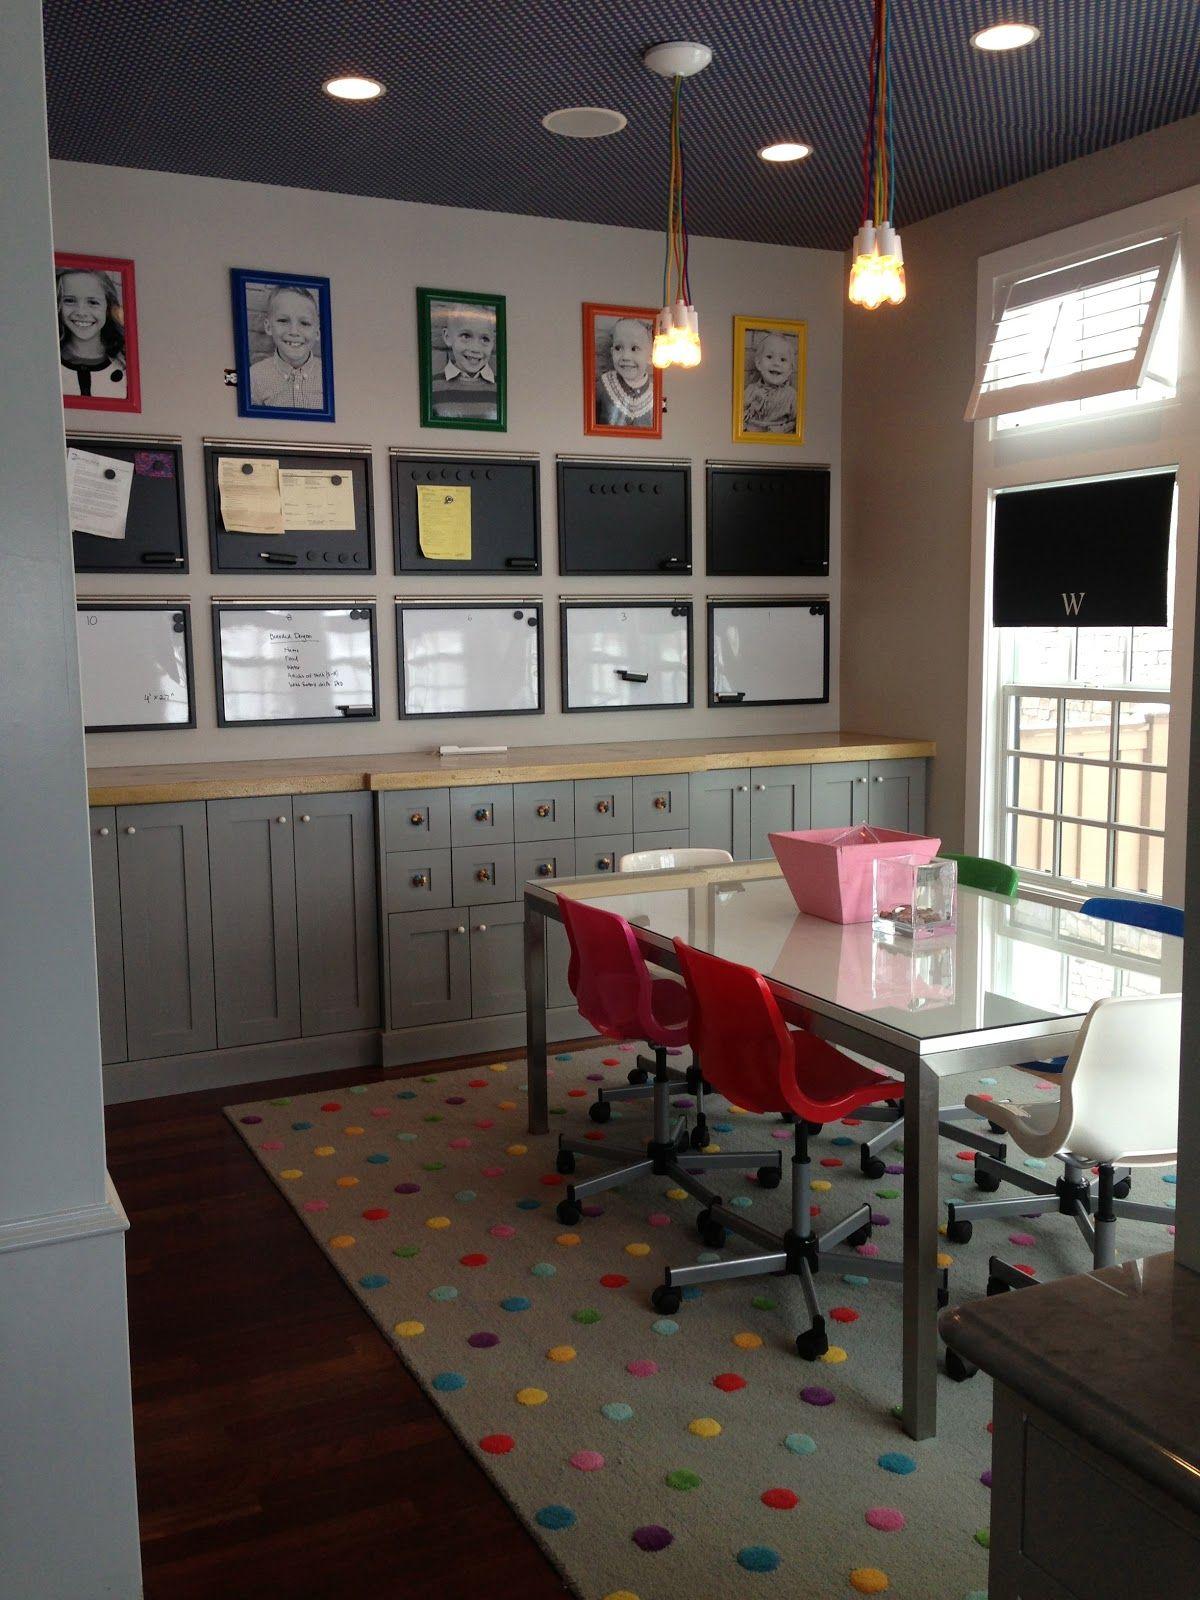 21 Beautiful Children's Rooms - Interior Design Ideas